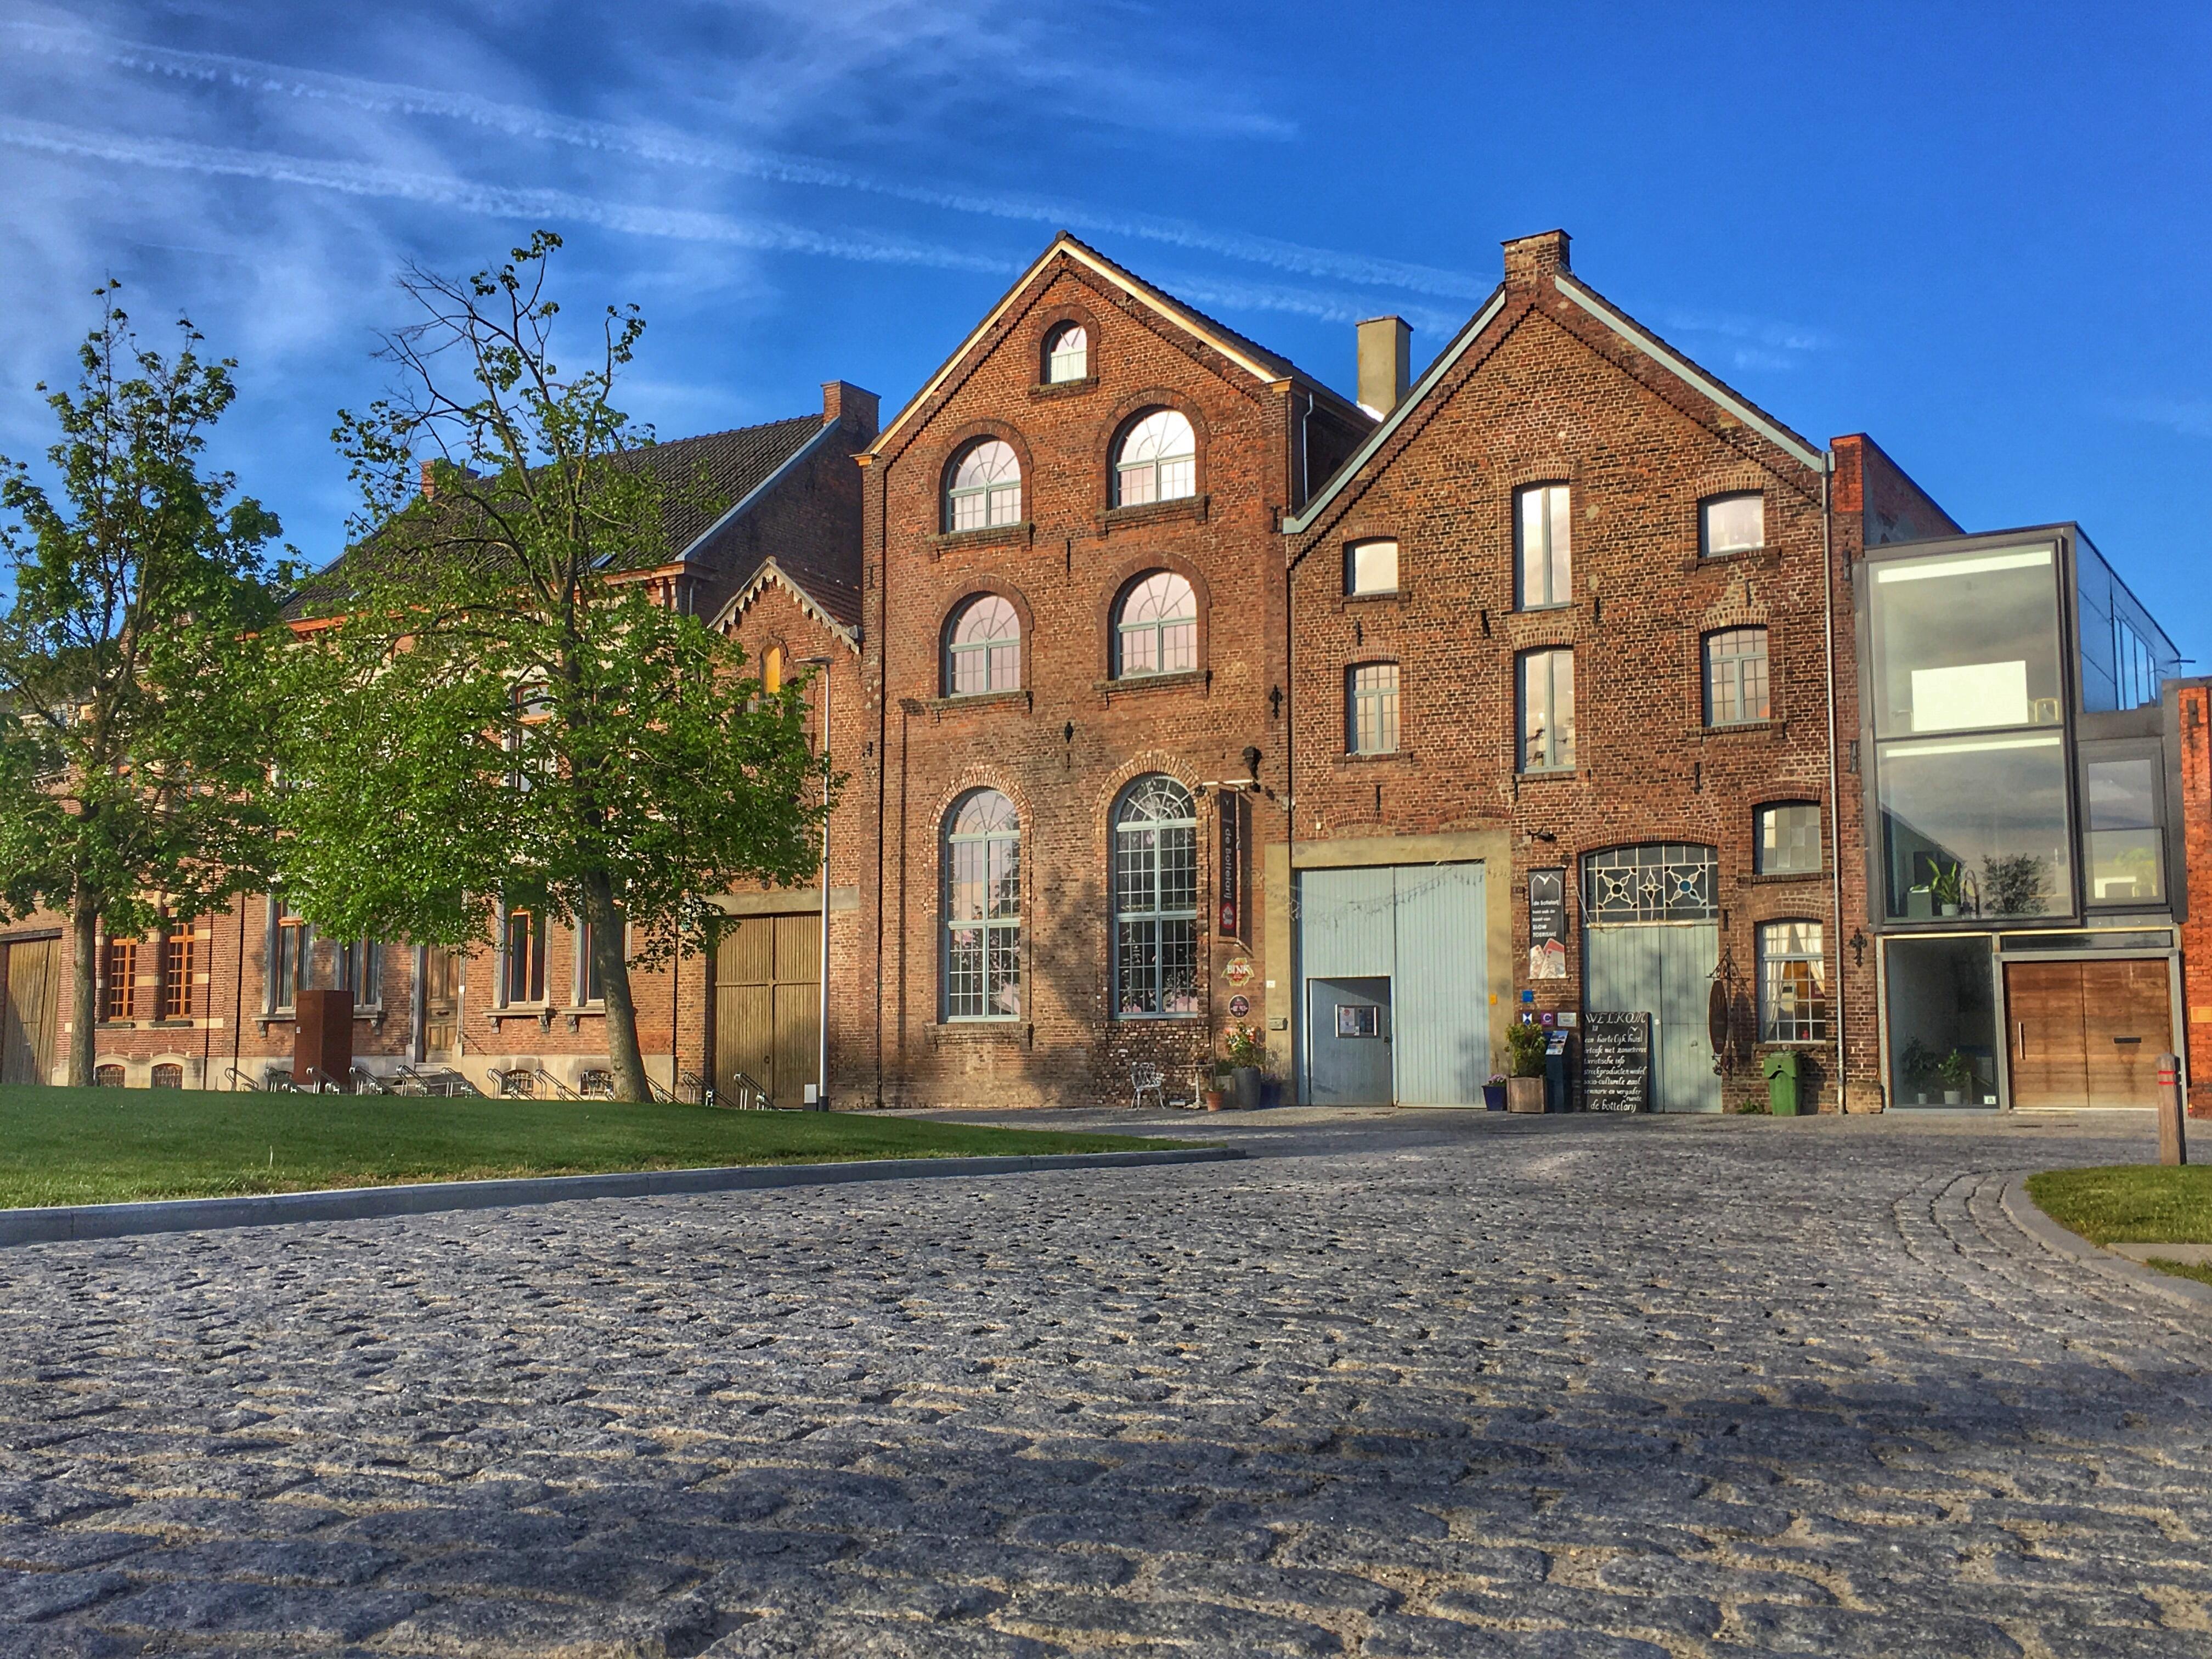 2019-gevel-Bottelarij-dorpsplein